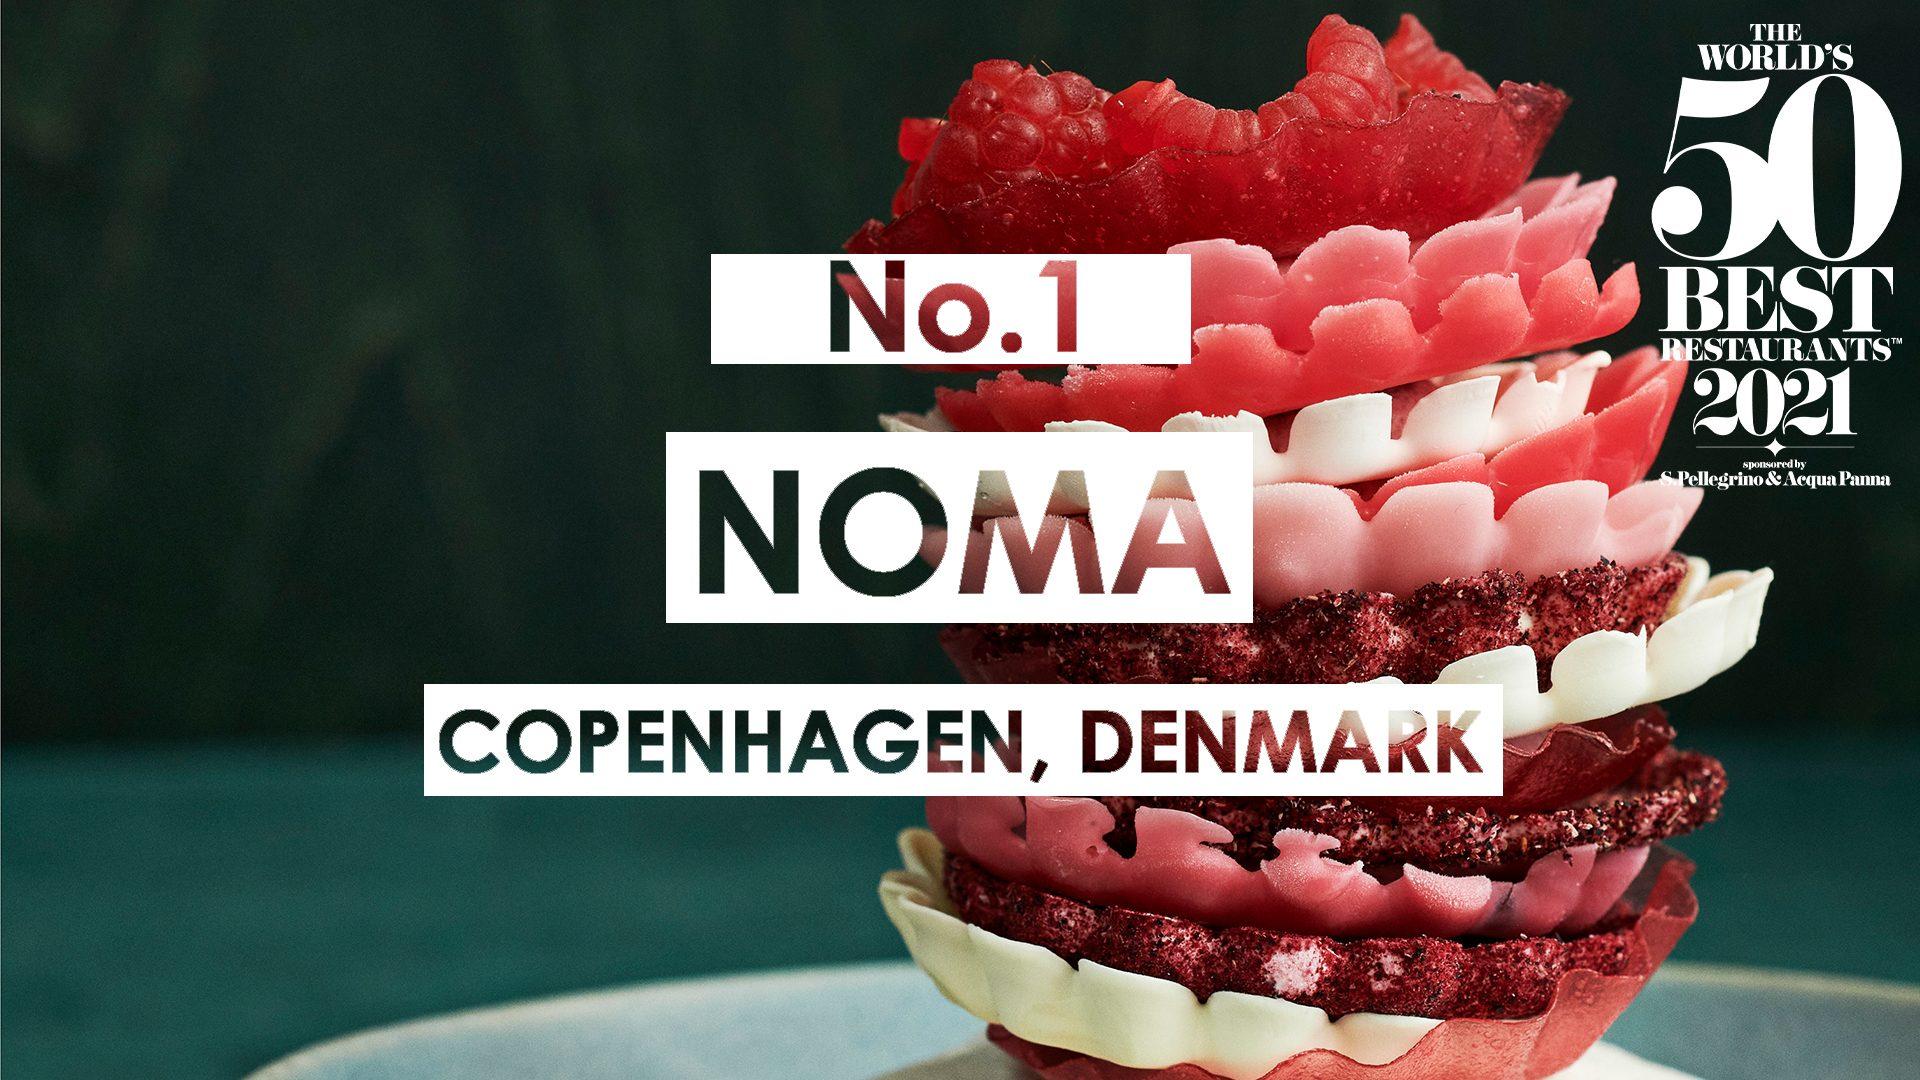 La World's 50 Best premia la Scandinavia: il Noma di nuovo miglior ristorante al mondo